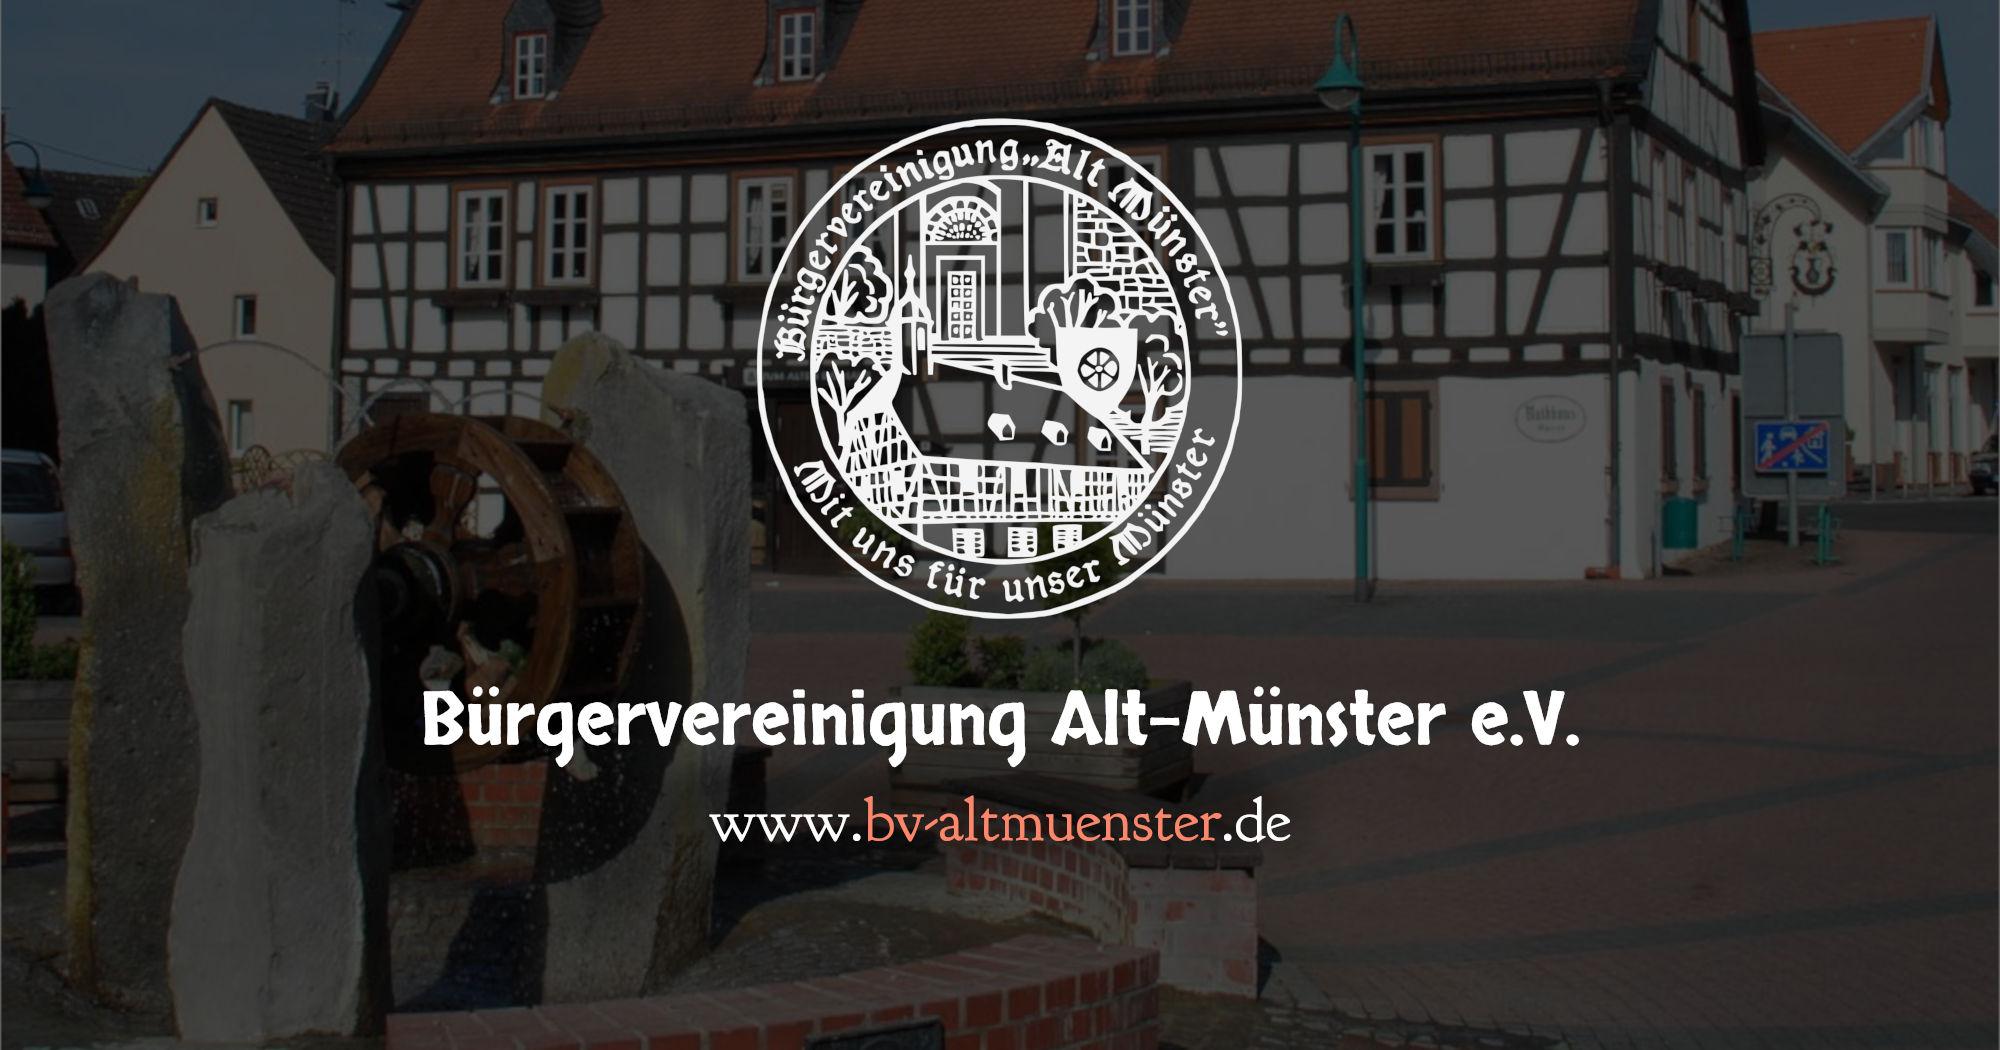 OpenGraph Bild: Facebook · BVAM · Bürgervereinigung Alt-Münster e.V.